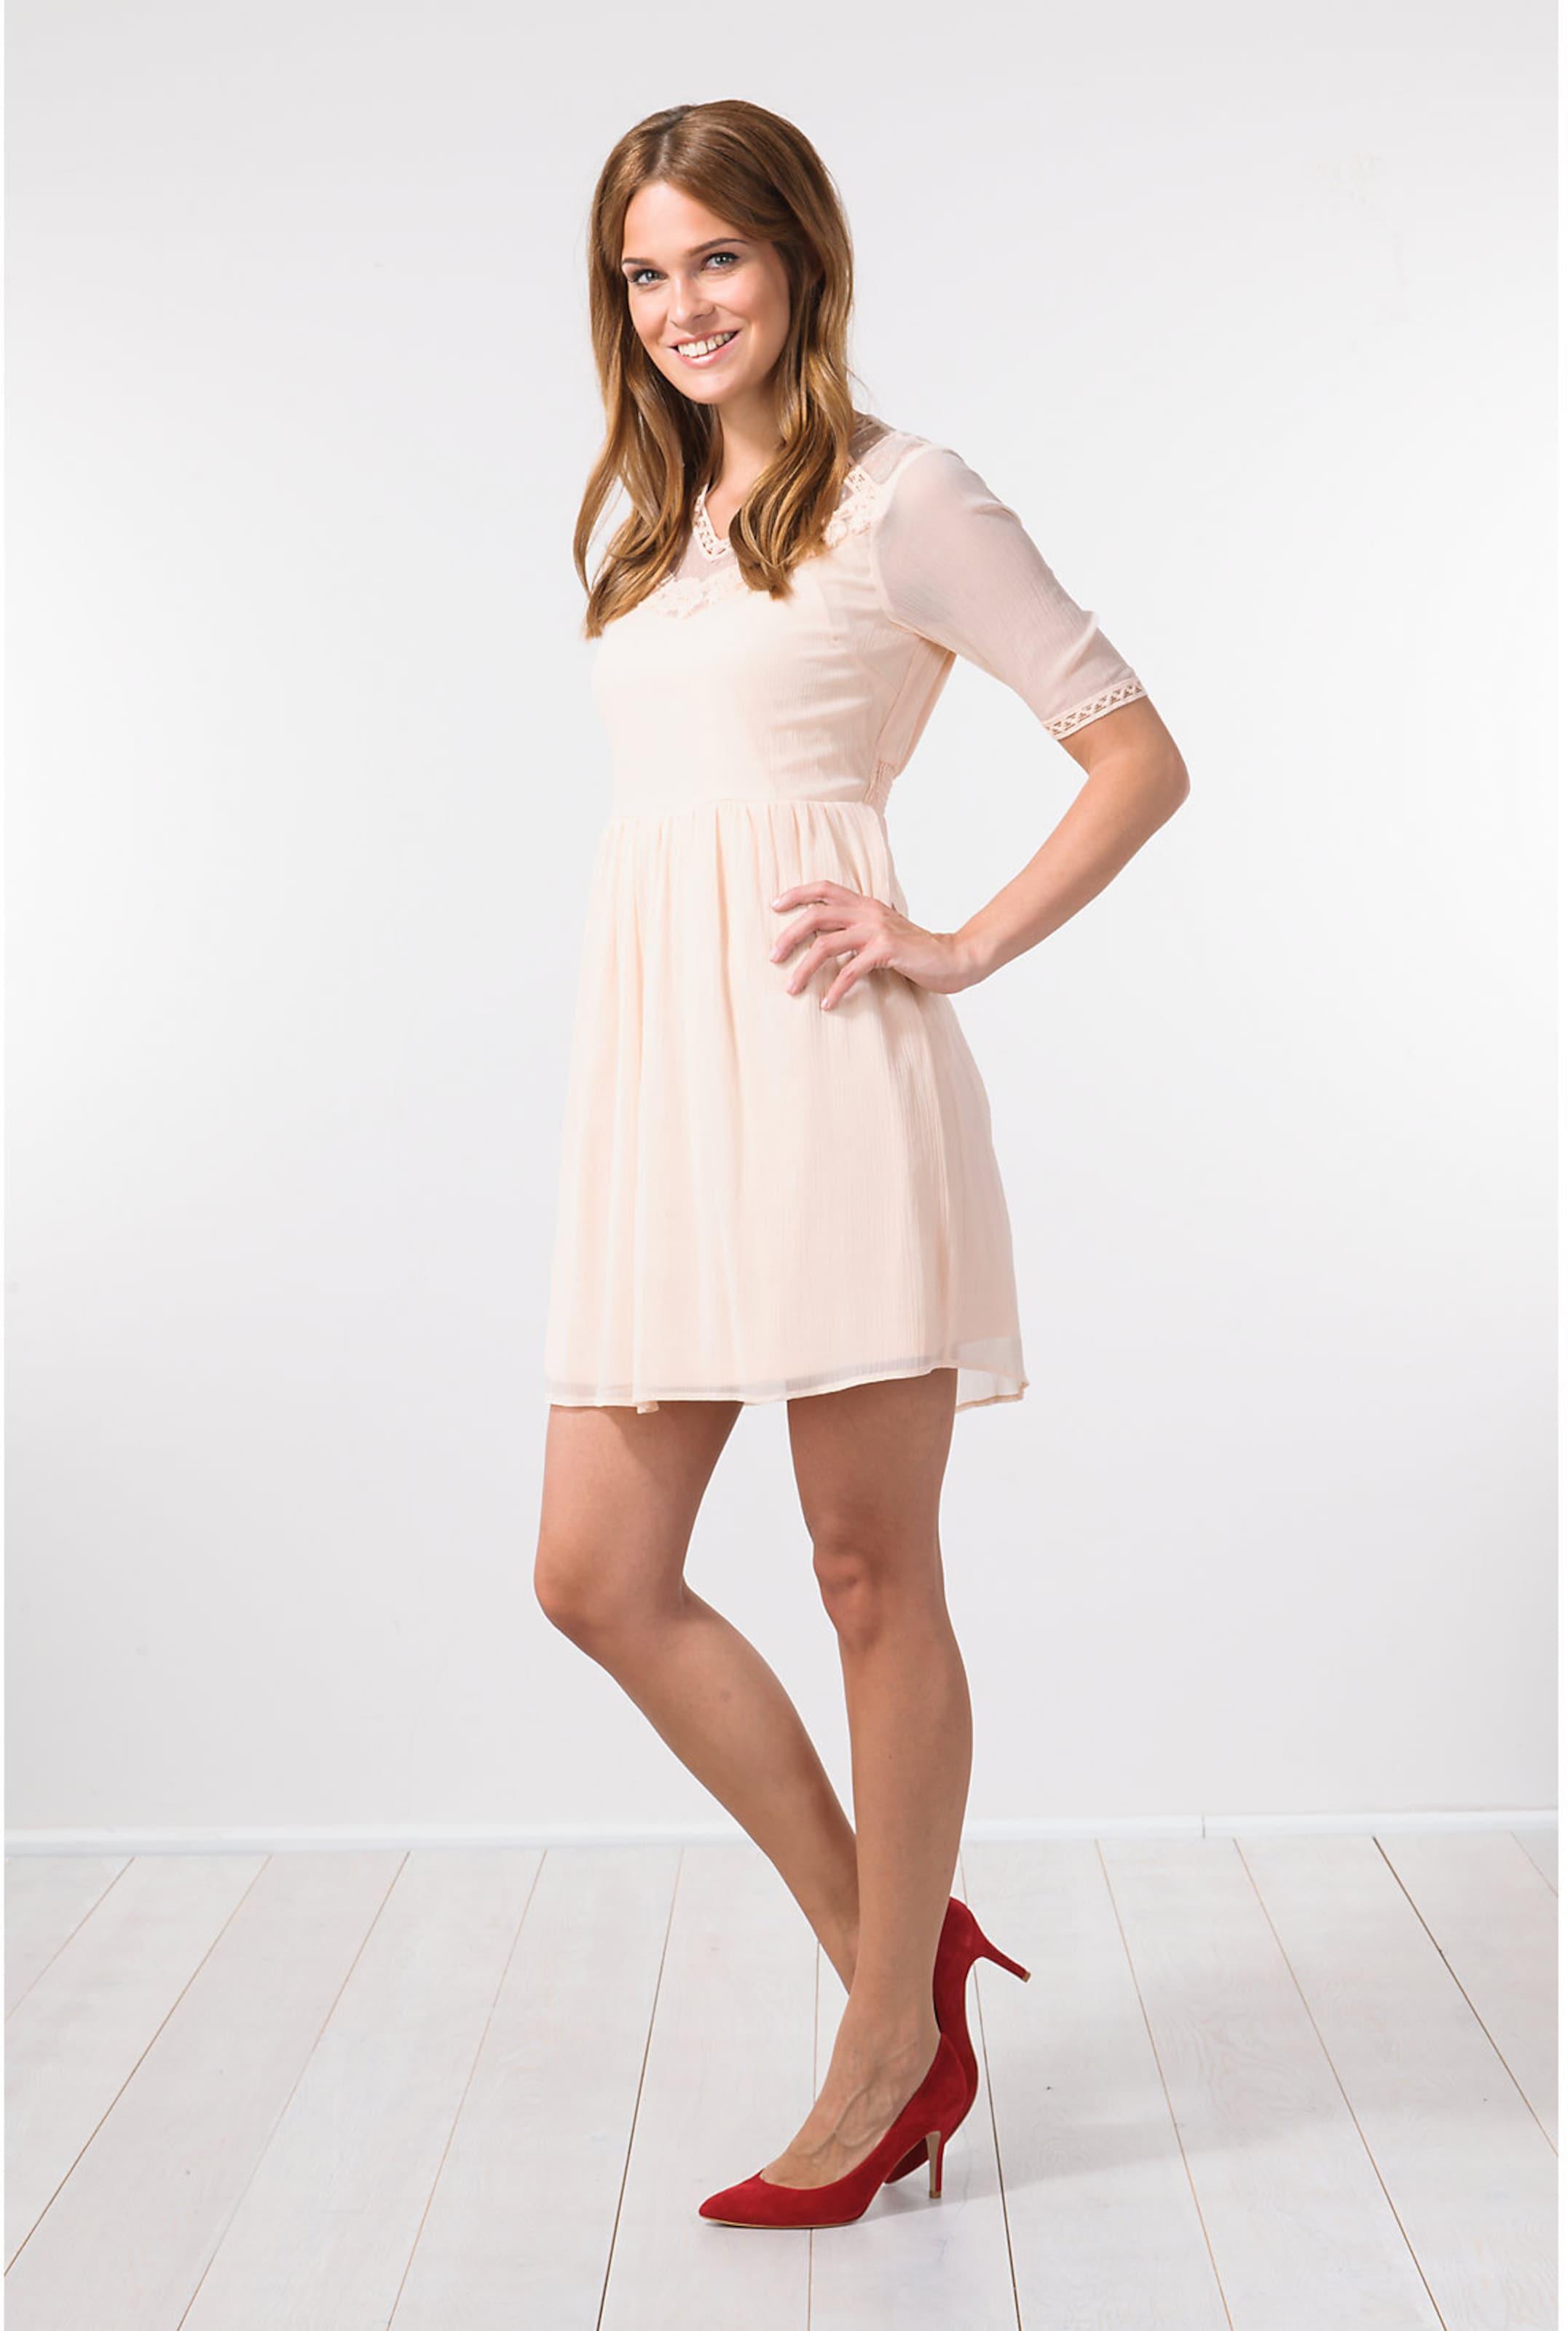 VERO MODA Kleid In Deutschland Online Footlocker Abbildungen Günstigen Preis Billig Kaufen Bestellen Spielraum Extrem xGFlkhRqt